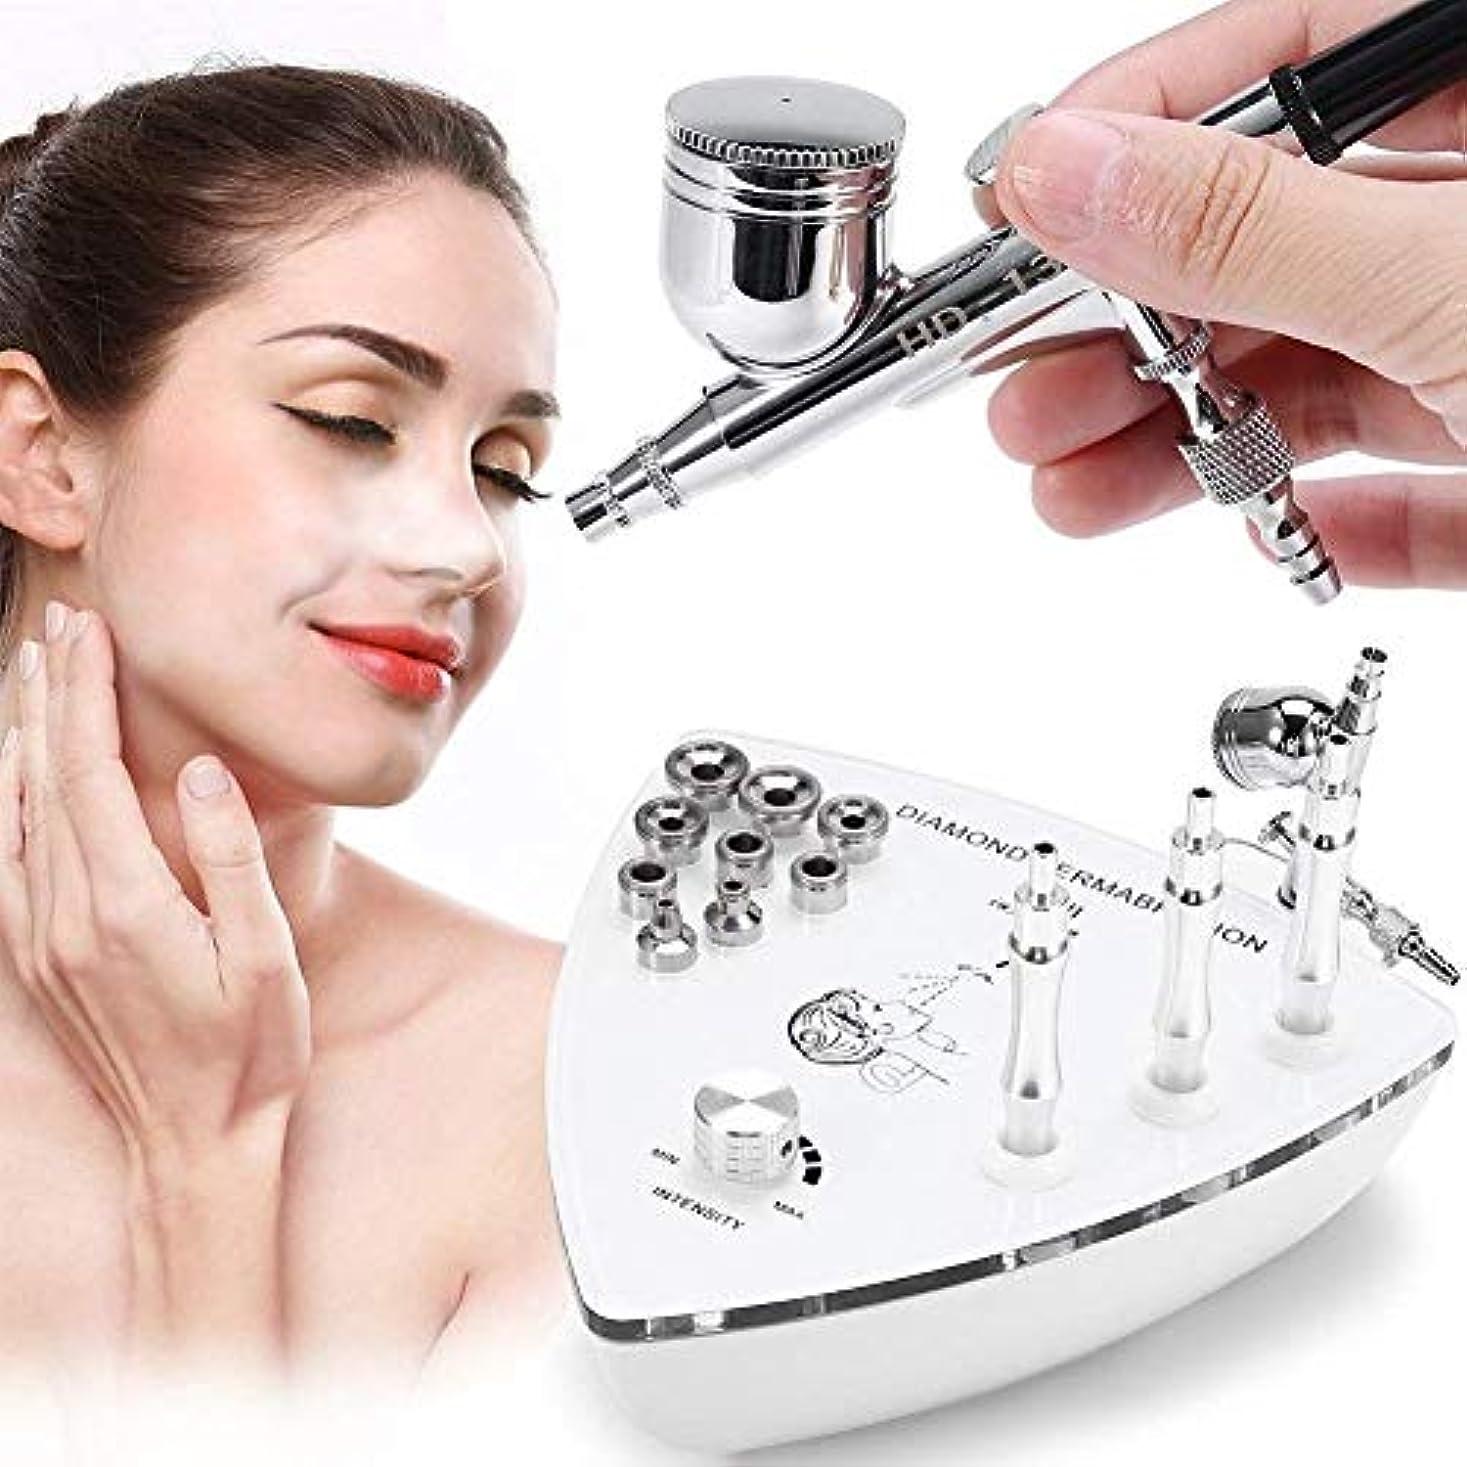 満州降下沿って専門のダイヤモンドのMicrodermabrasion Dermabrasion機械、顔の心配の皮装置水スプレーのしわの取り外しの皮のきつく締まる剥離のための家の使用のための装置